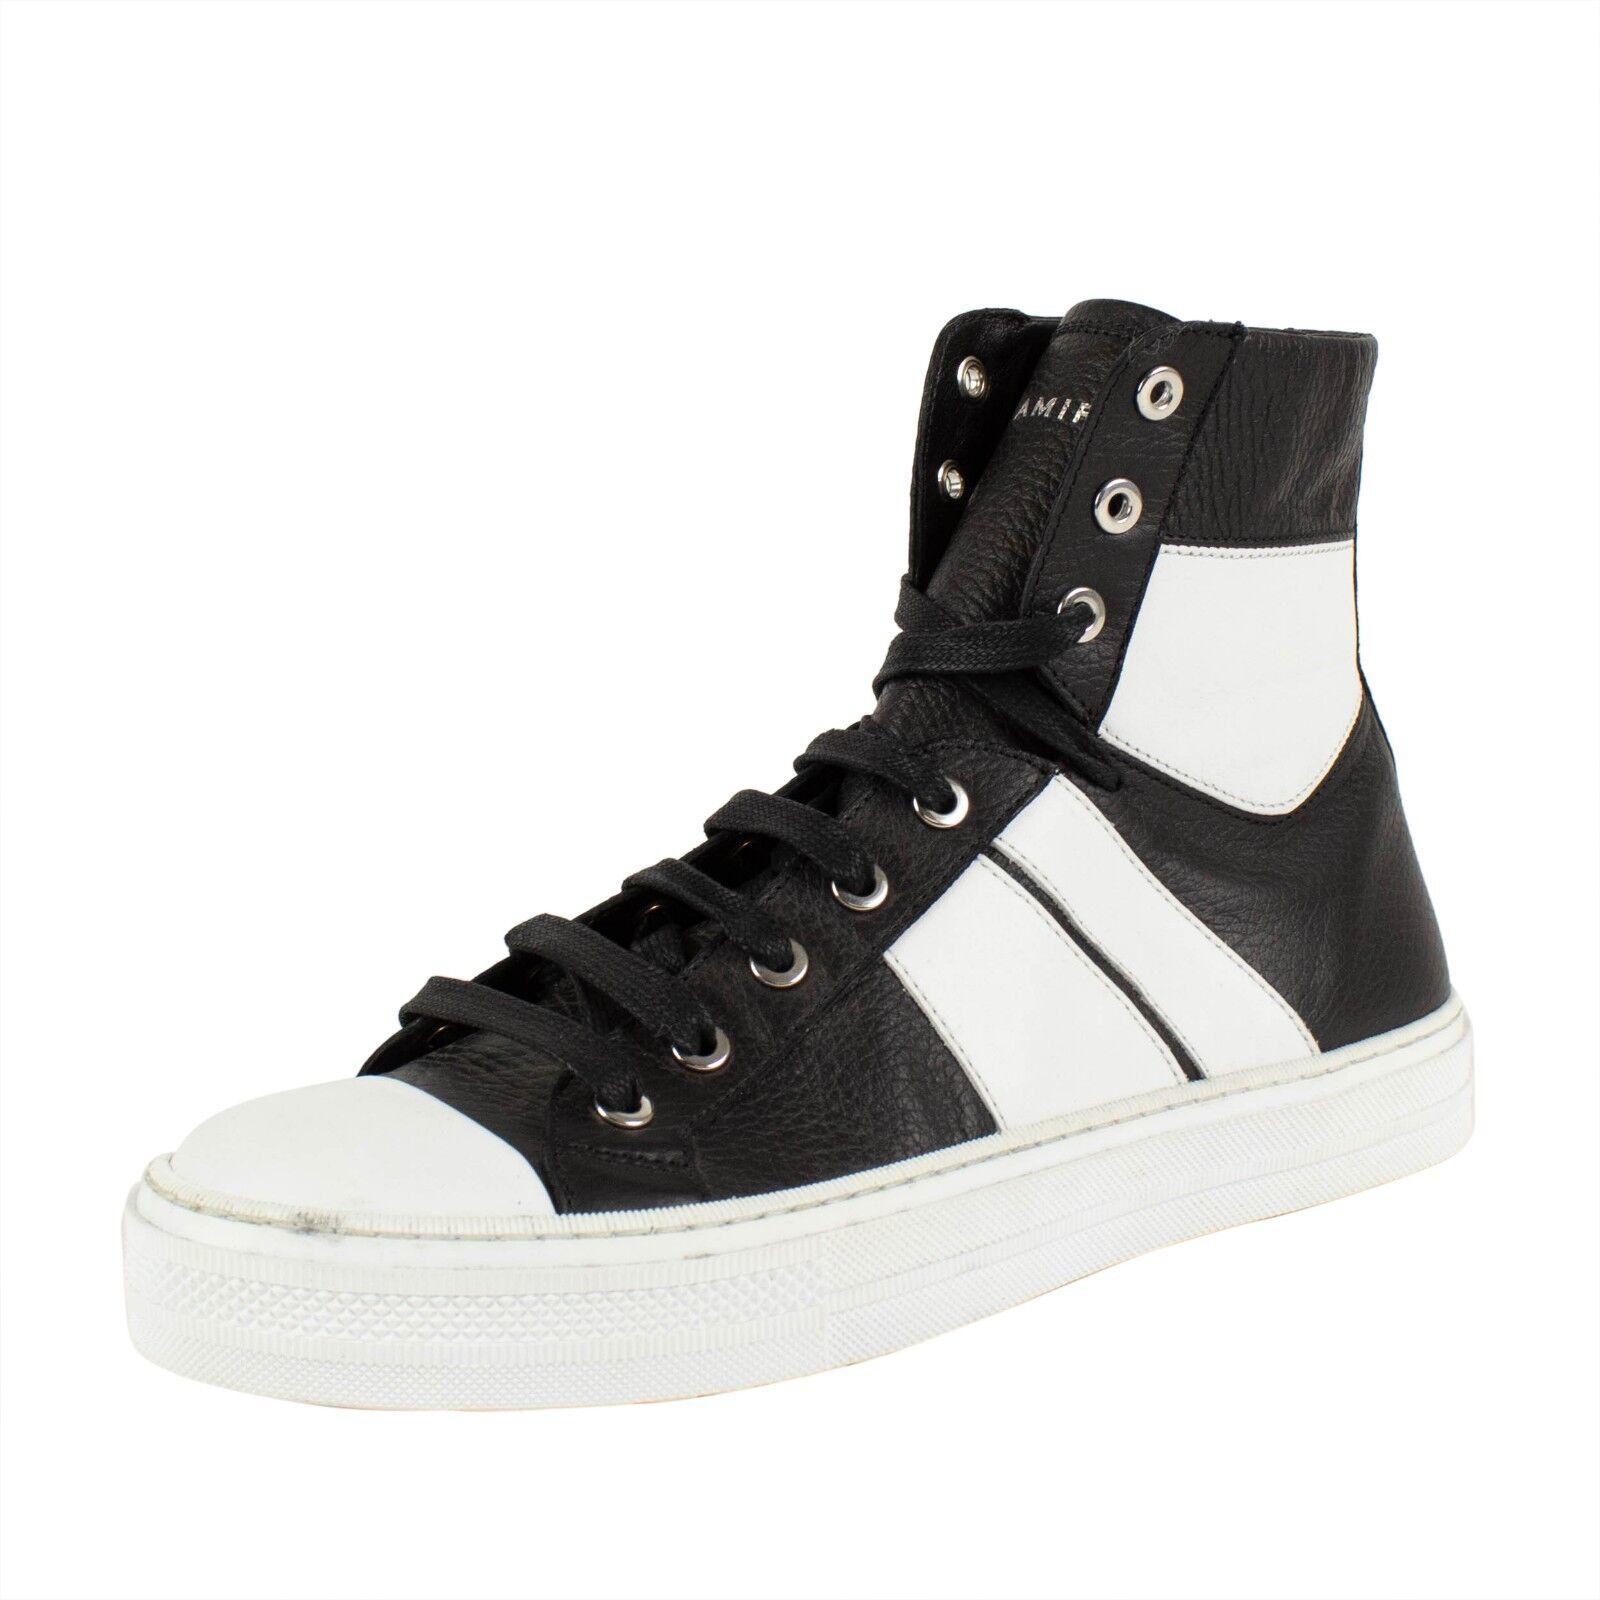 NIB AMIRI 'Sunset' nero bianca Leather scarpe da ginnastica scarpe Dimensione 7 US 40 EU  690